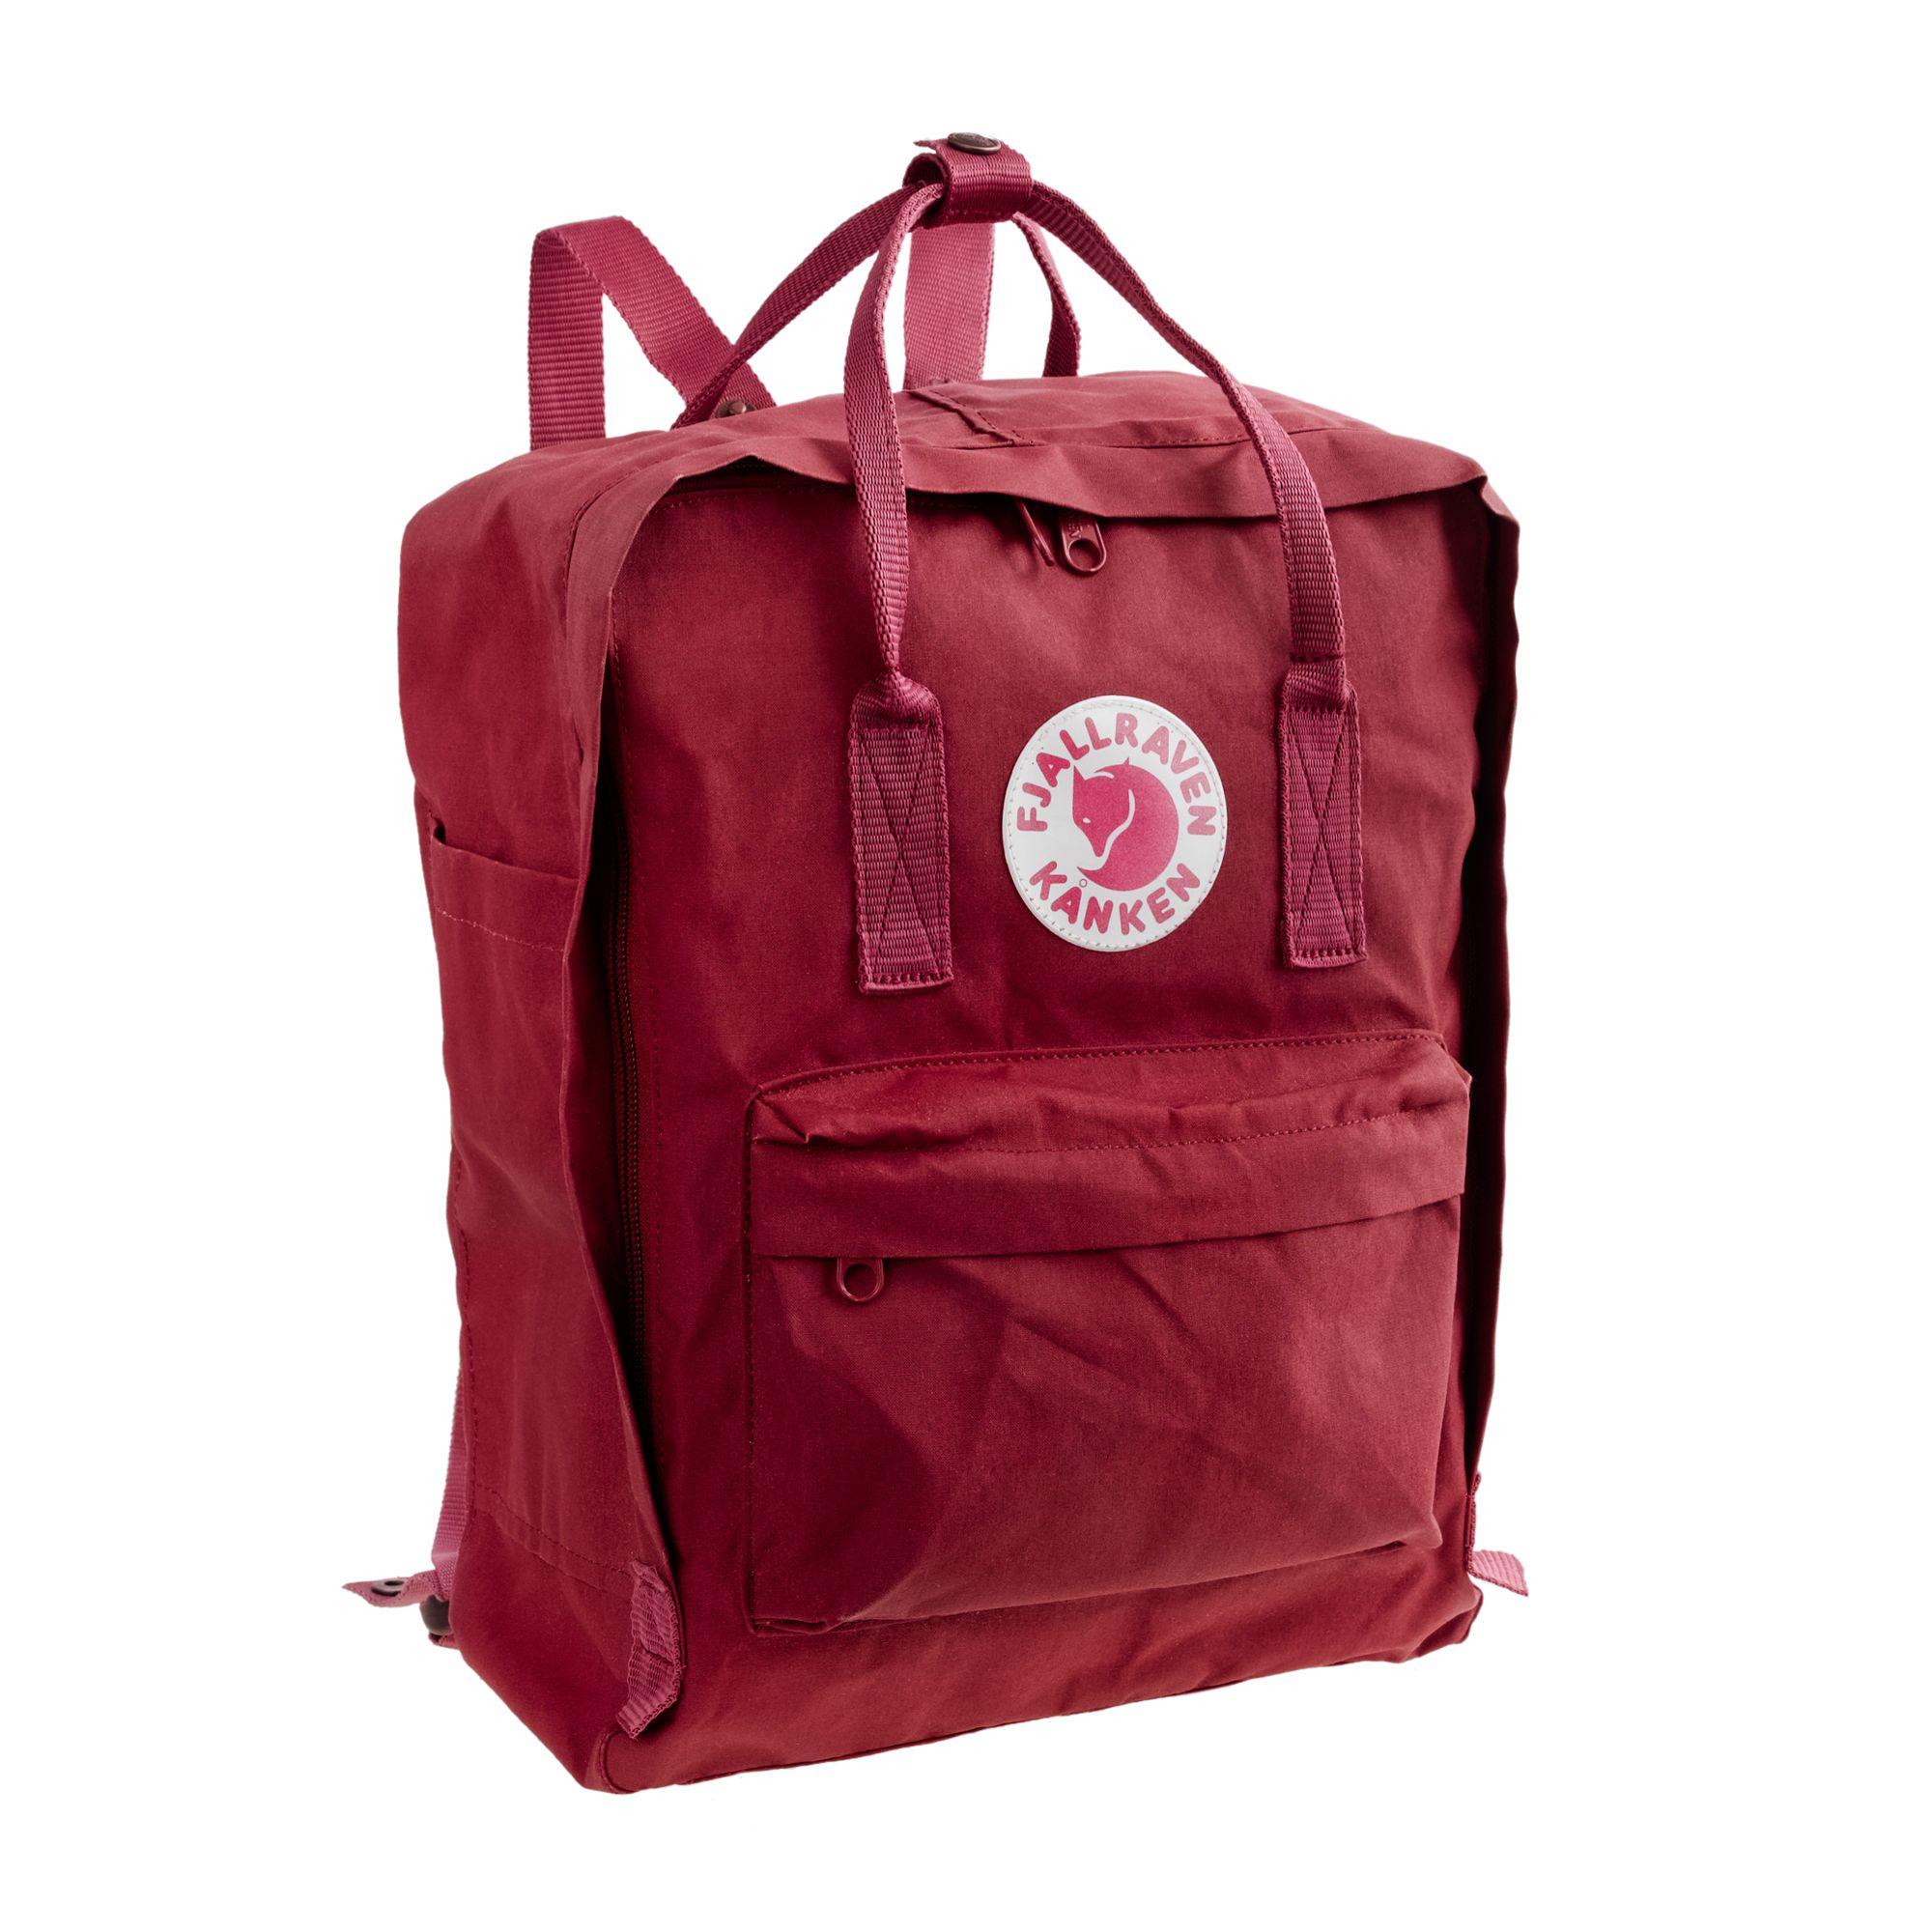 fj llr ven classic kanken backpack in red for men. Black Bedroom Furniture Sets. Home Design Ideas